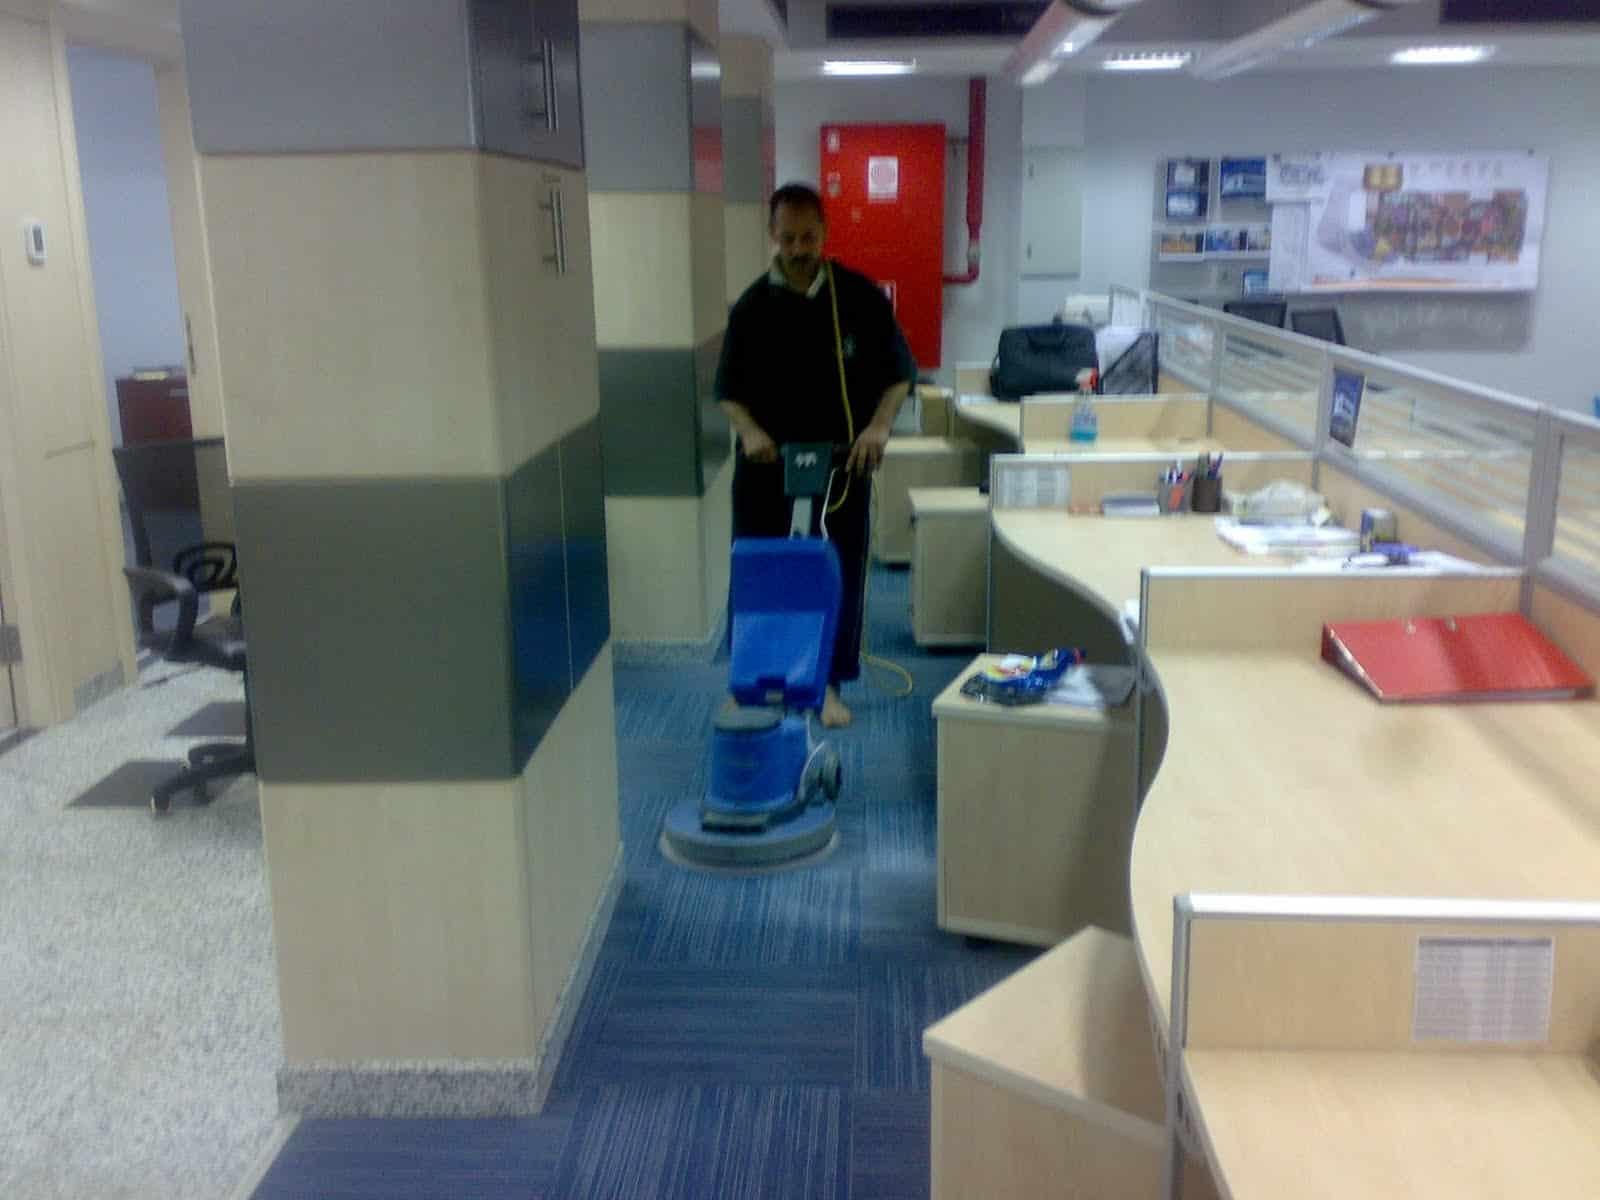 شركة تنظيف بيوت بالمدينة المنورة شركة تنظيف بيوت بالمدينة المنورة شركة تنظيف بيوت بالمدينة المنورة 0553473381     2